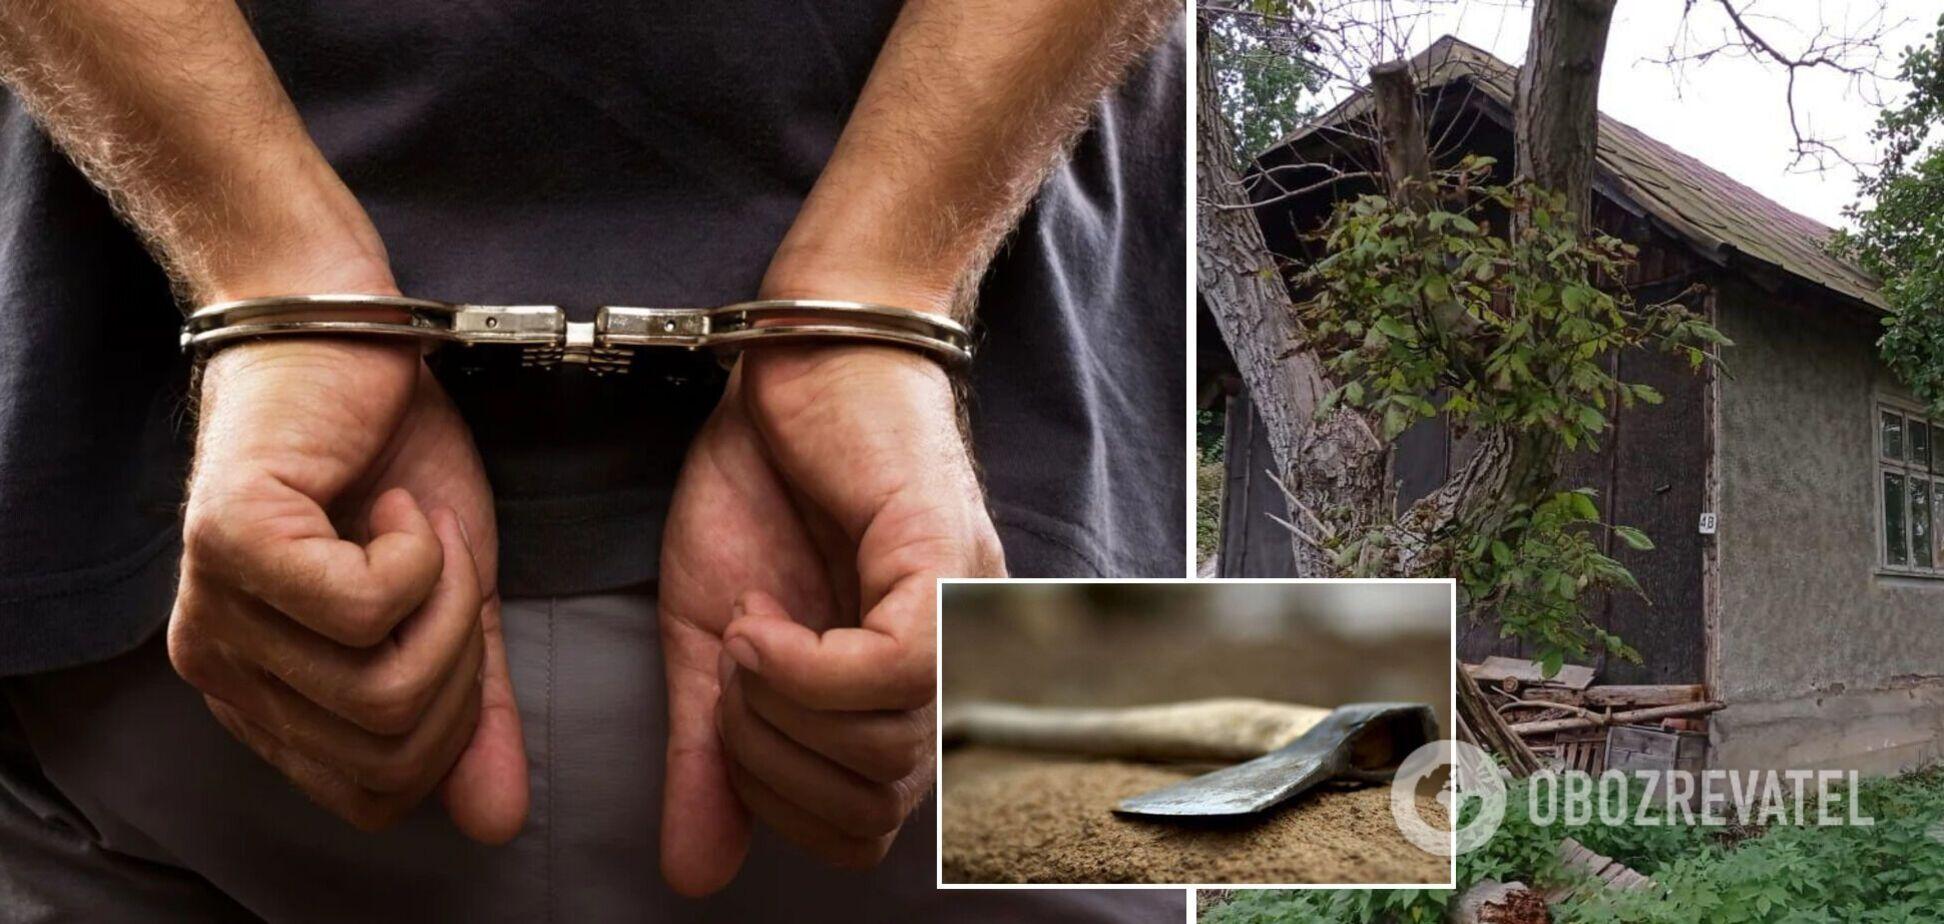 На Львовщине 22-летний парень убил мужчину топором: ему грозит до 15 лет лишения свободы. Фото